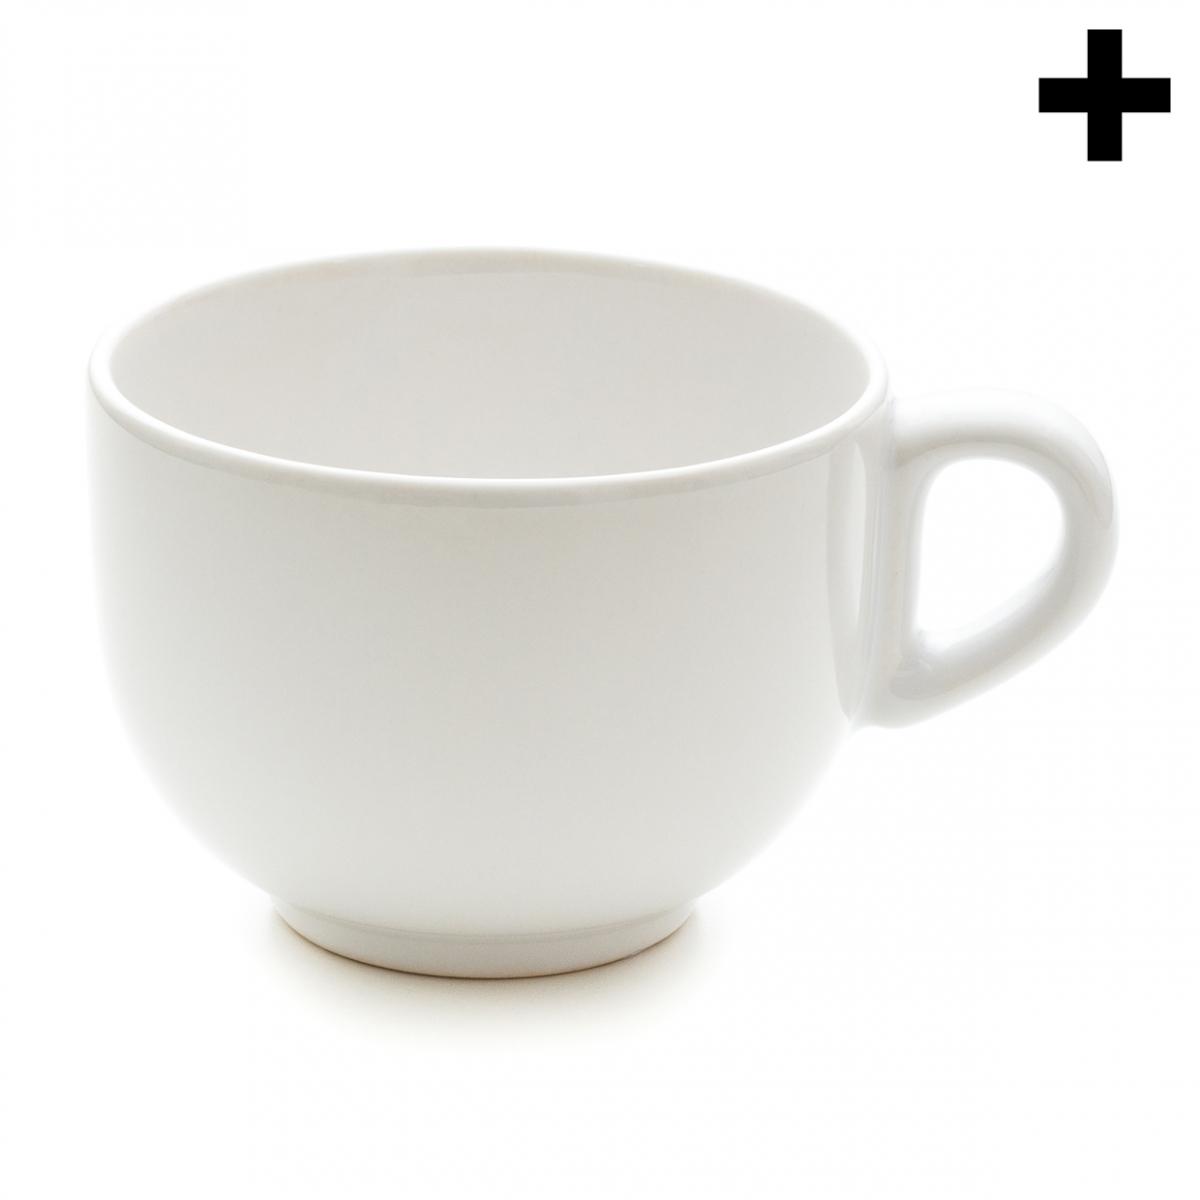 Imagen en la que se ve una taza de cerámica blanca en perspectiva lateral